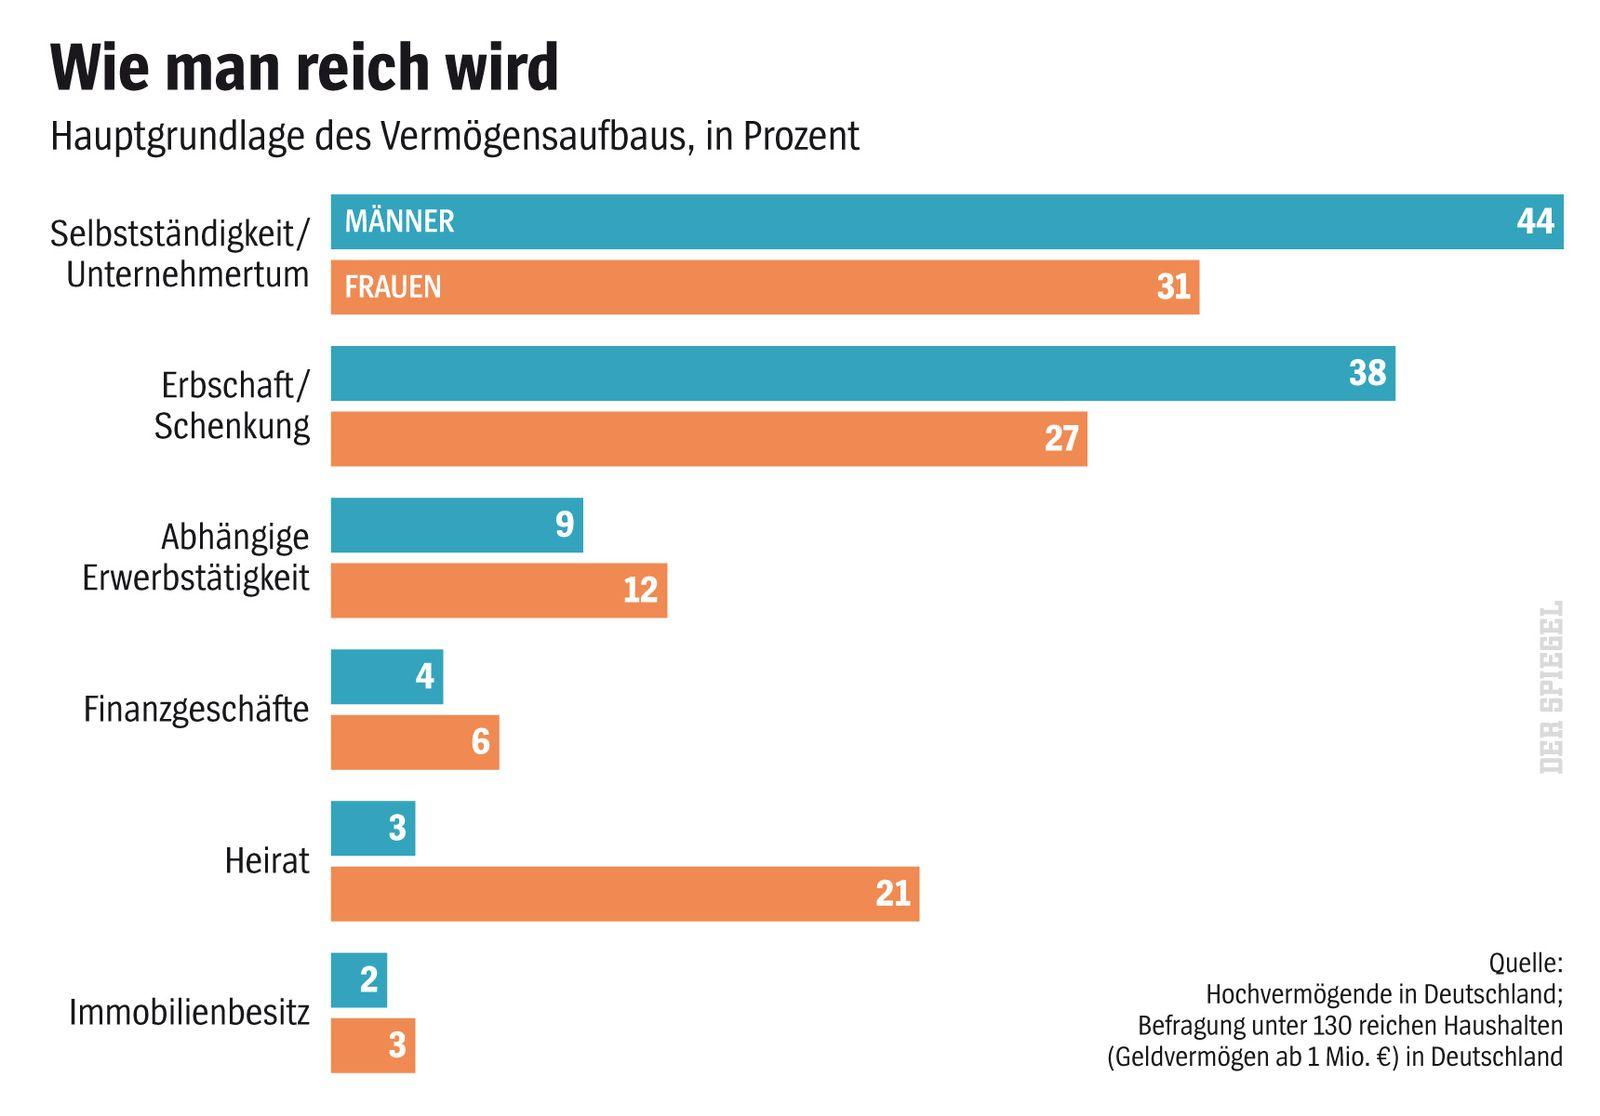 EINMALIGE VERWENDUNG SPIEGEL Plus SPIEGEL 38/2016 S. 70 Leben der Reichen